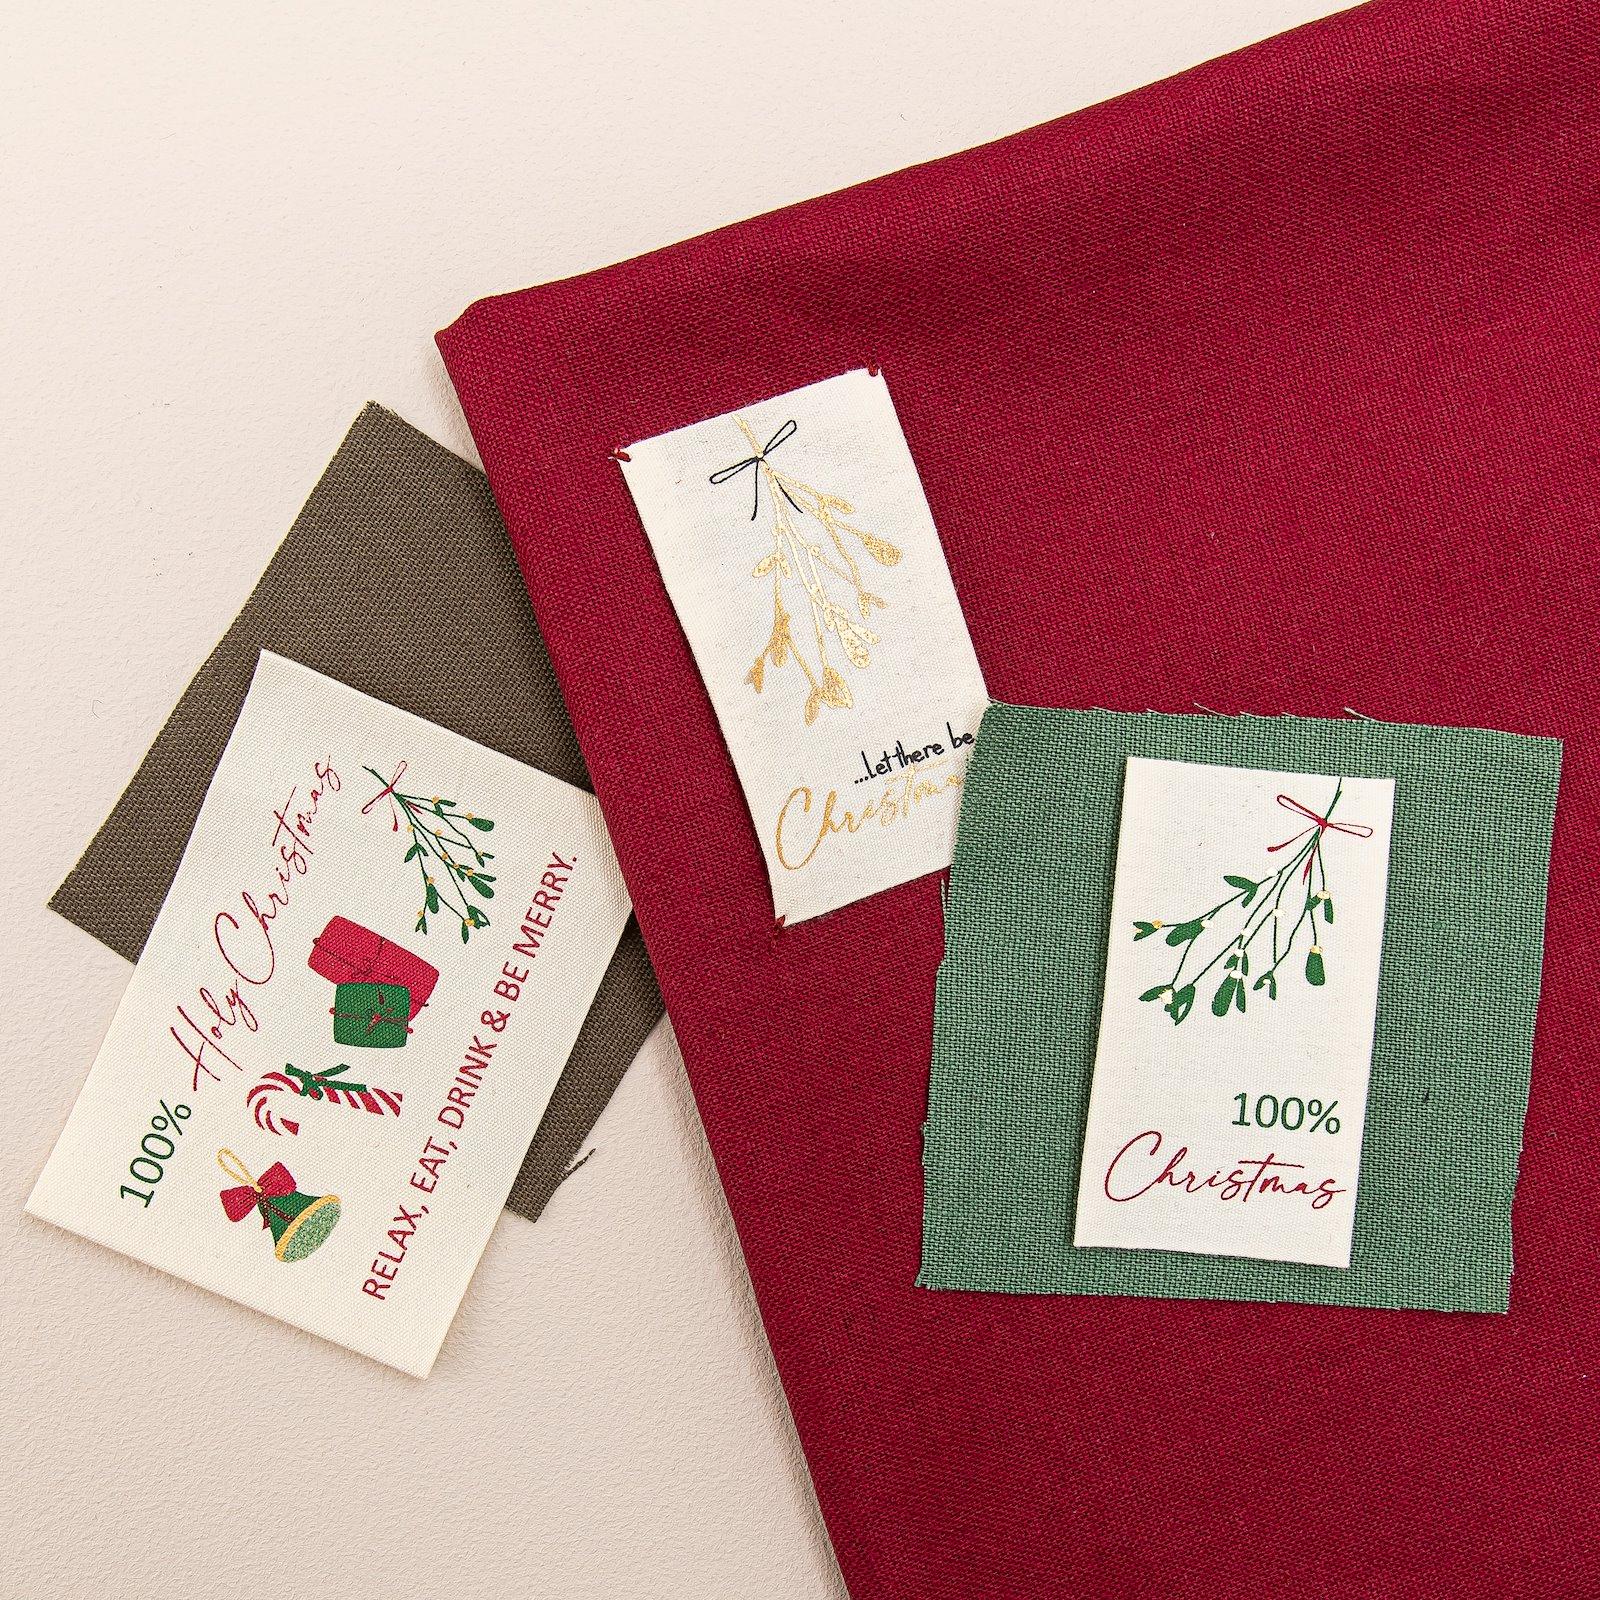 Linen/cotton army green 410145_410130_410133_24860_24862_24861_bundle